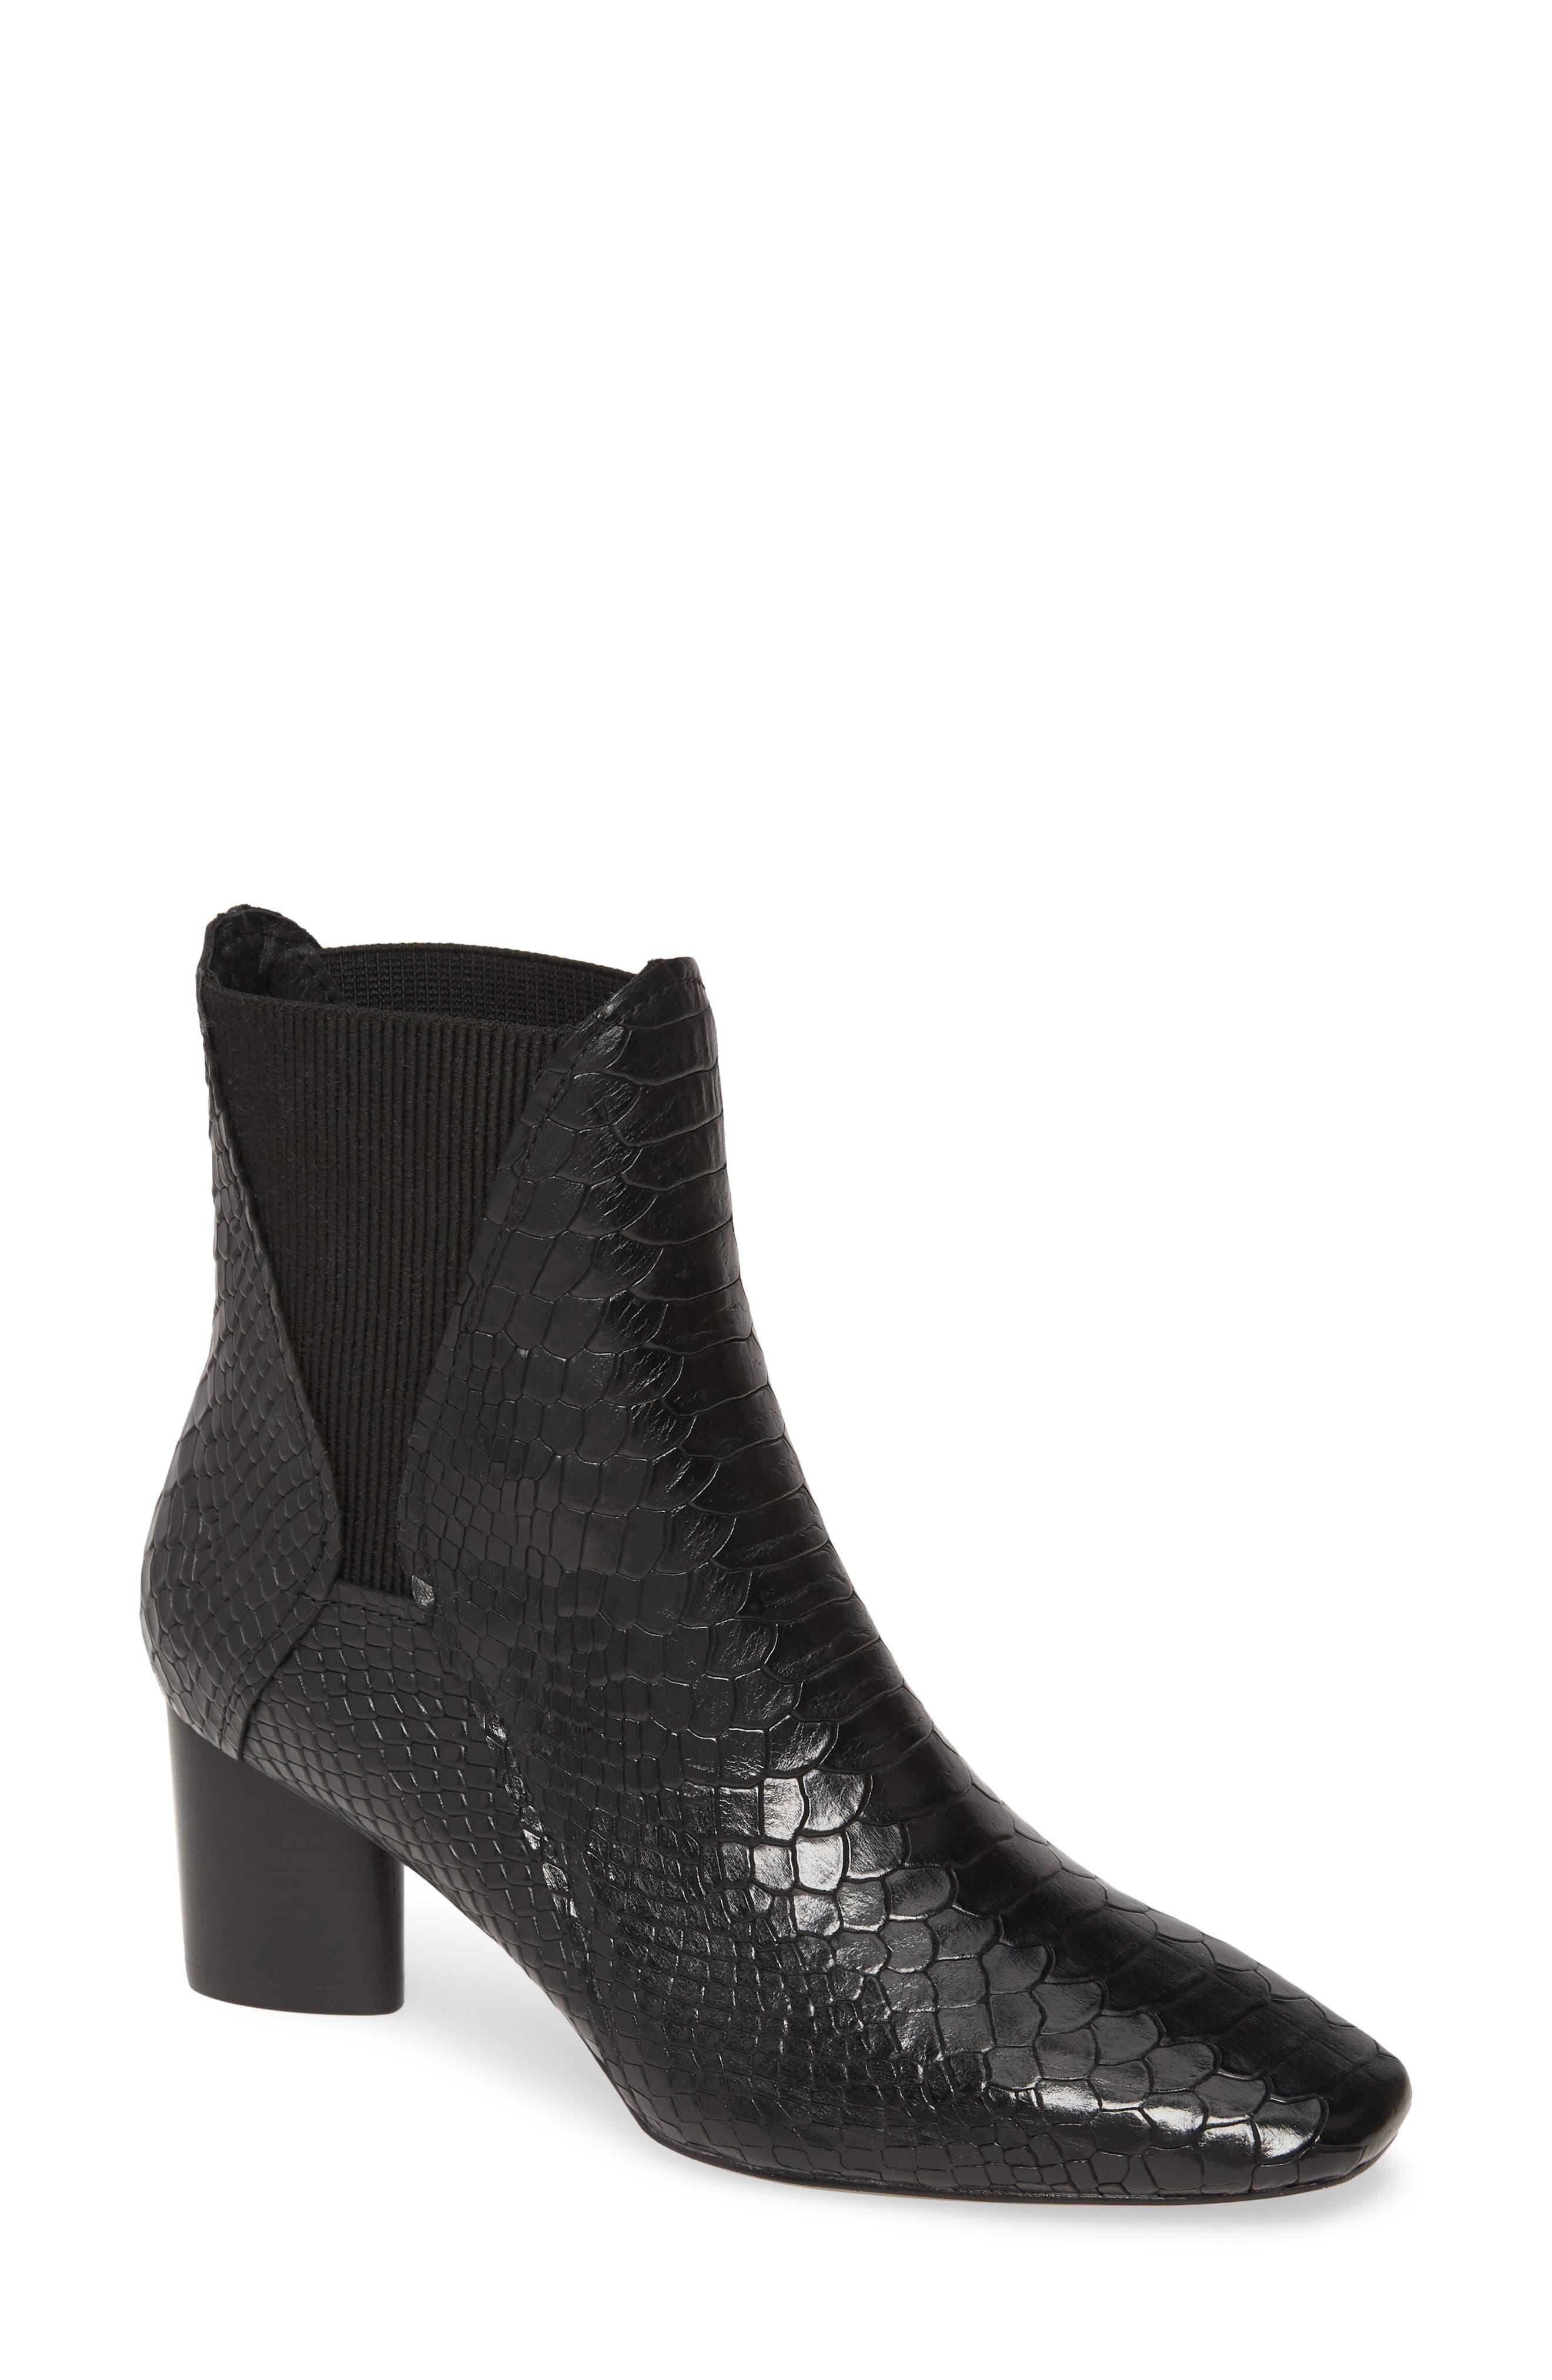 Image of Donald Pliner Austen Snake Embossed Chelsea Boot